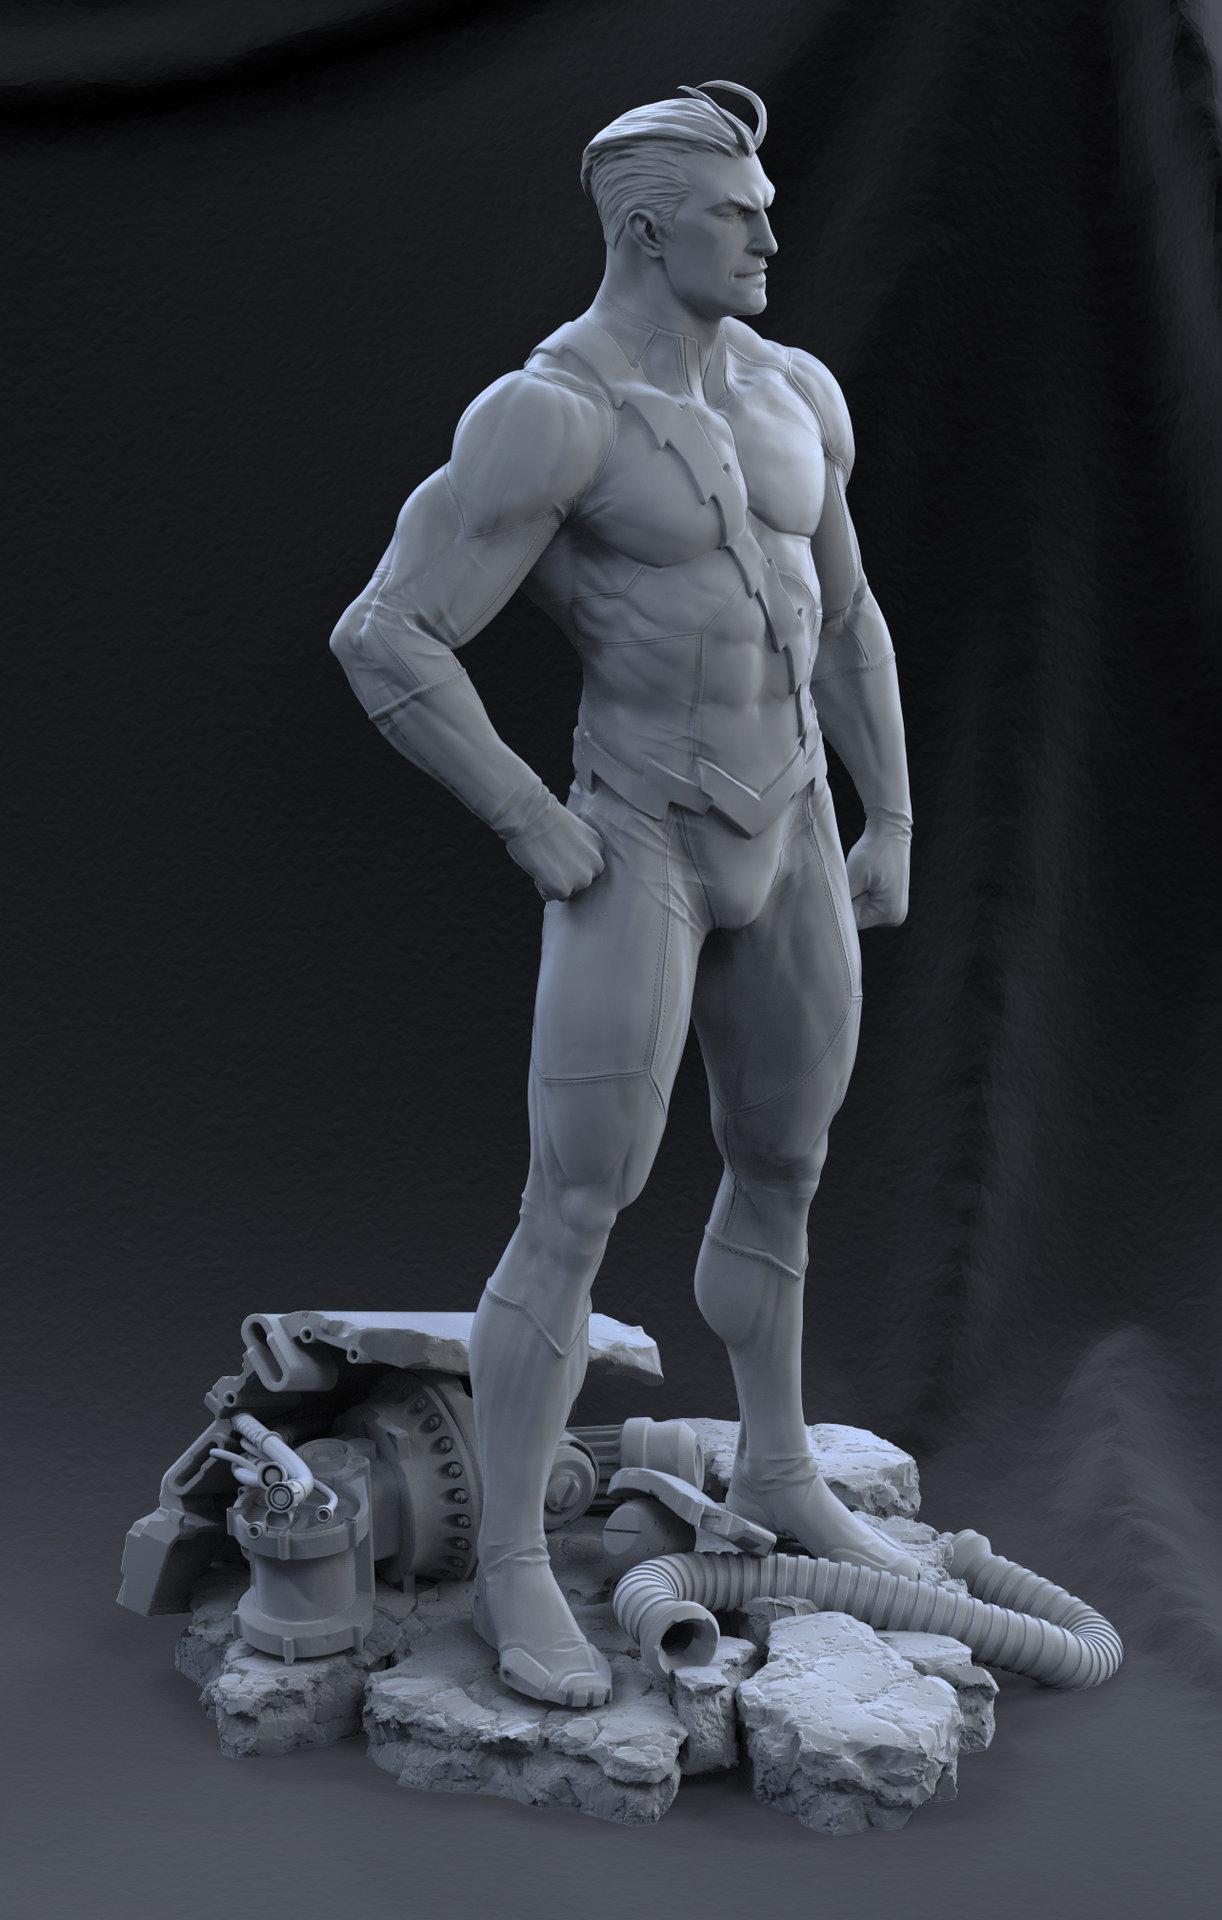 David giraud standing6 grey